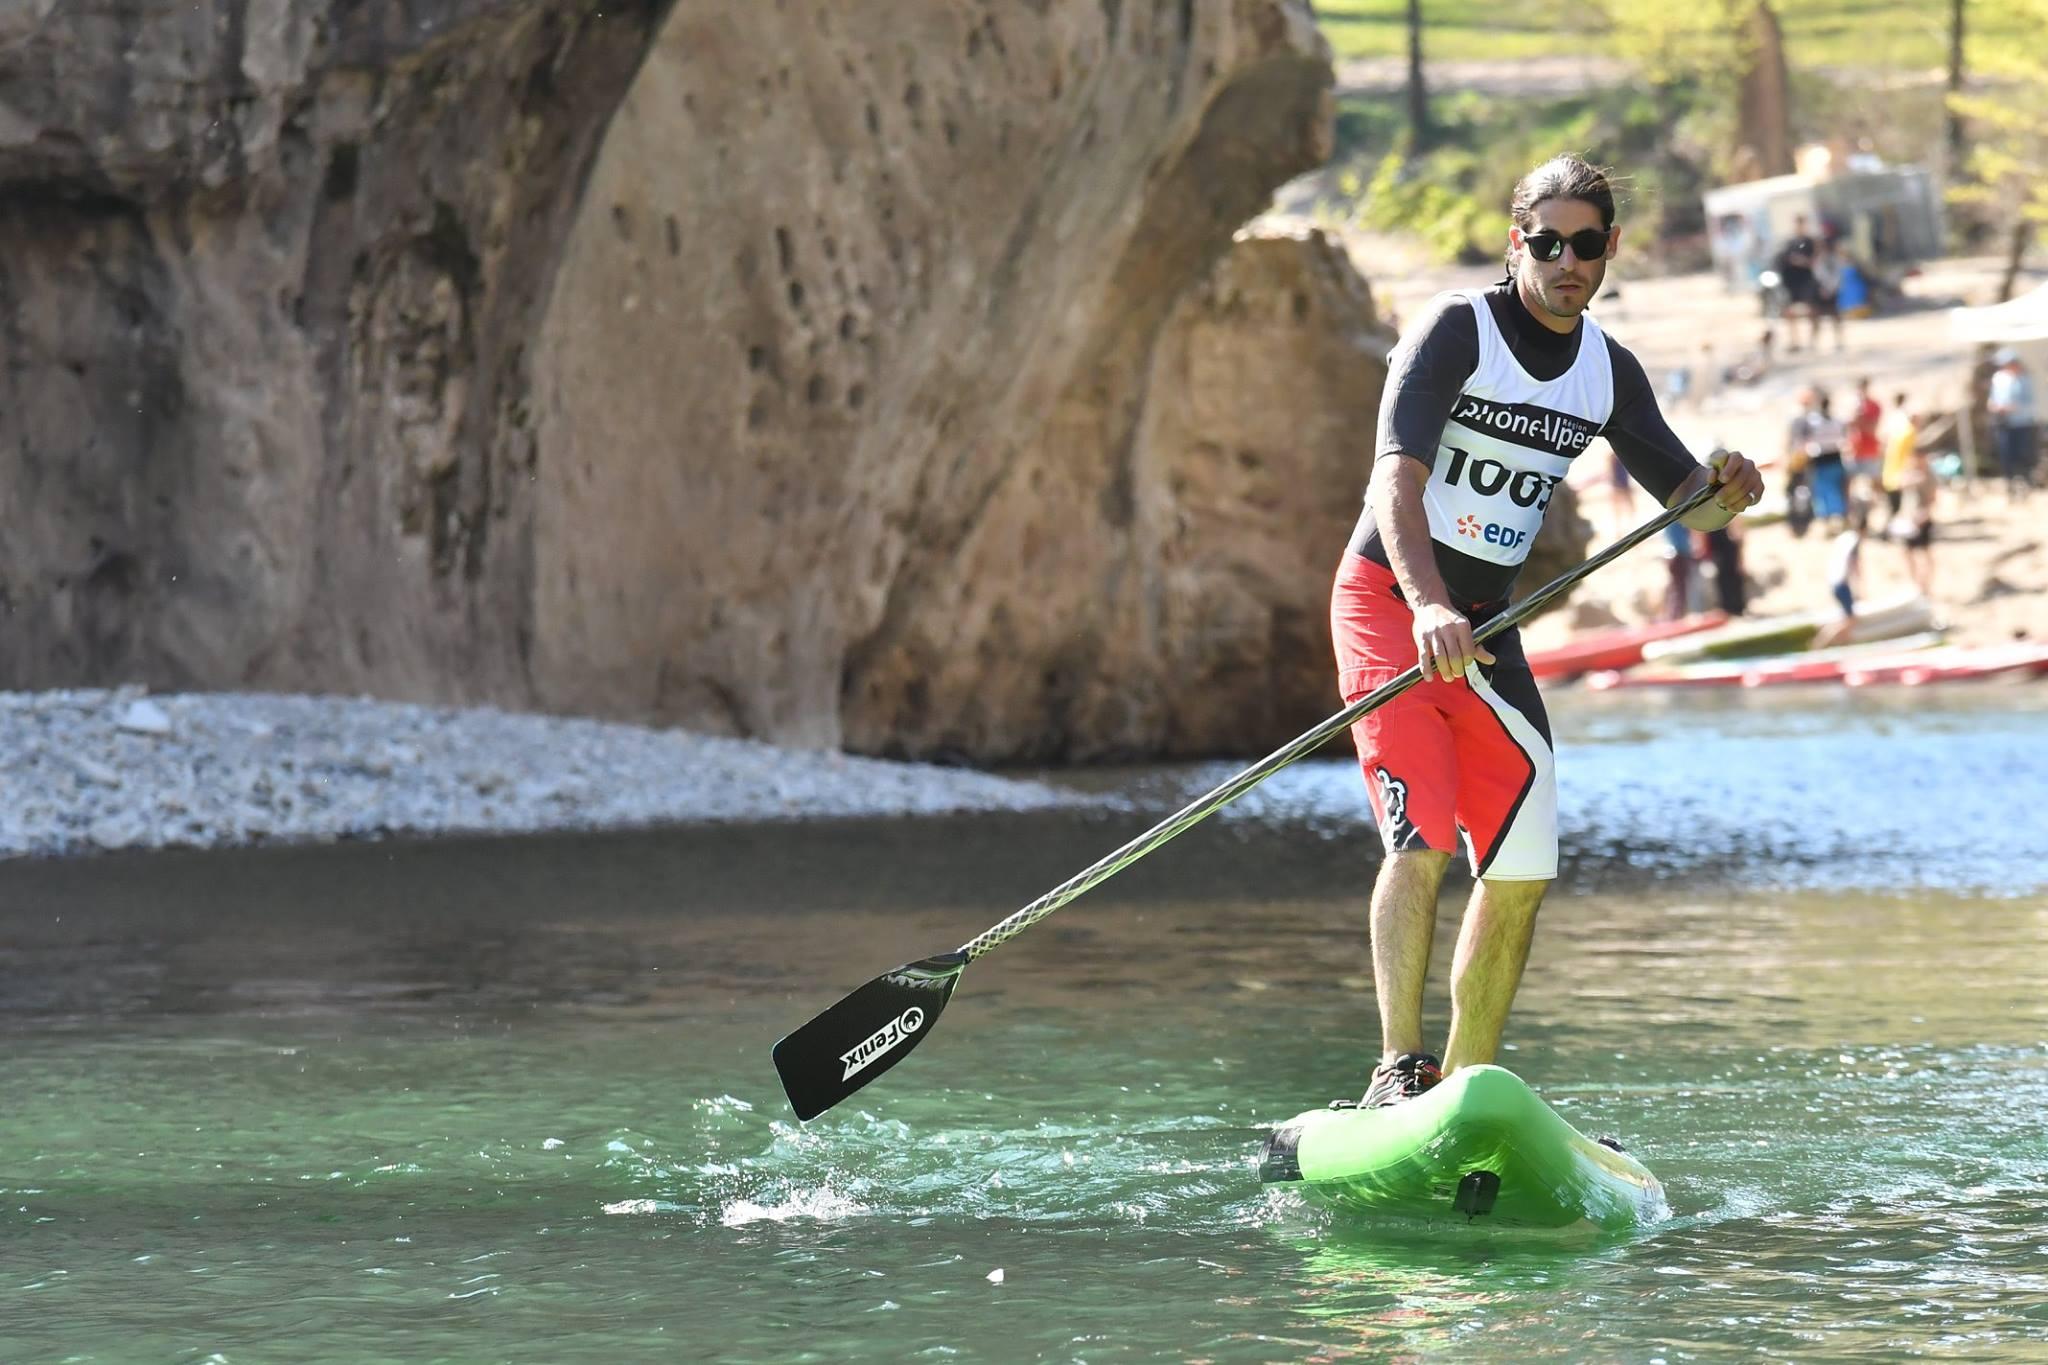 apprenez à marcher sur l'eau en pratiquant le stand up paddle